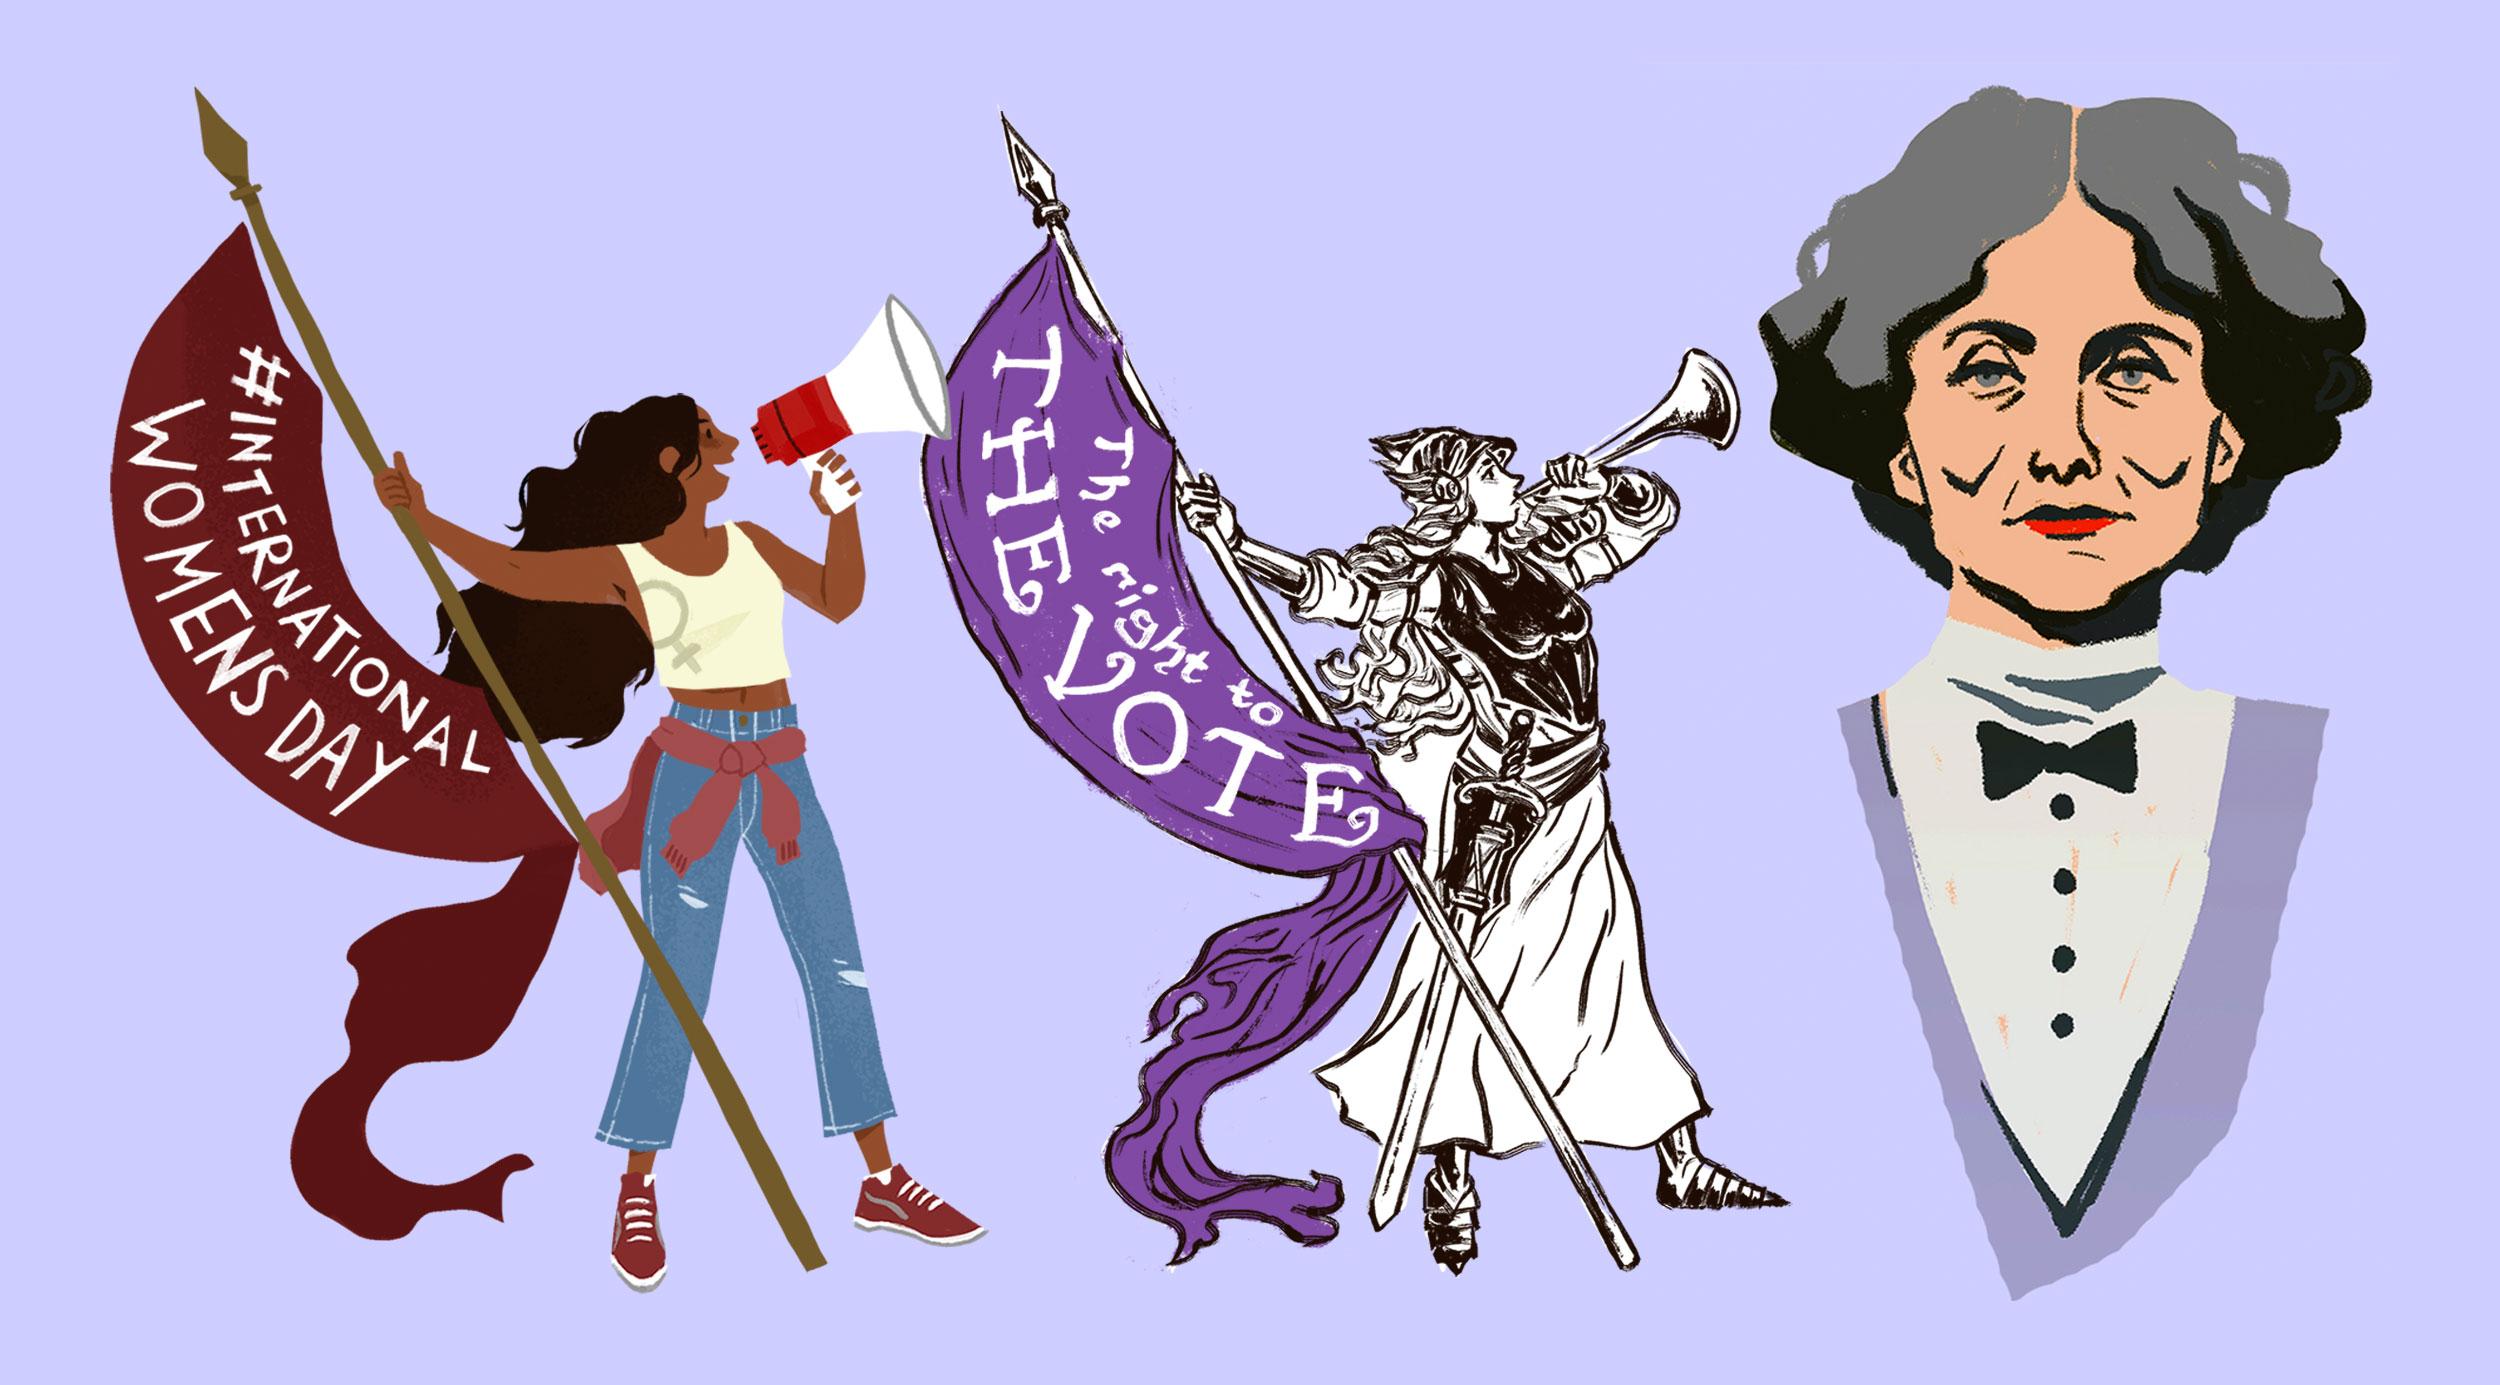 BBC_suffragettes_07.jpg